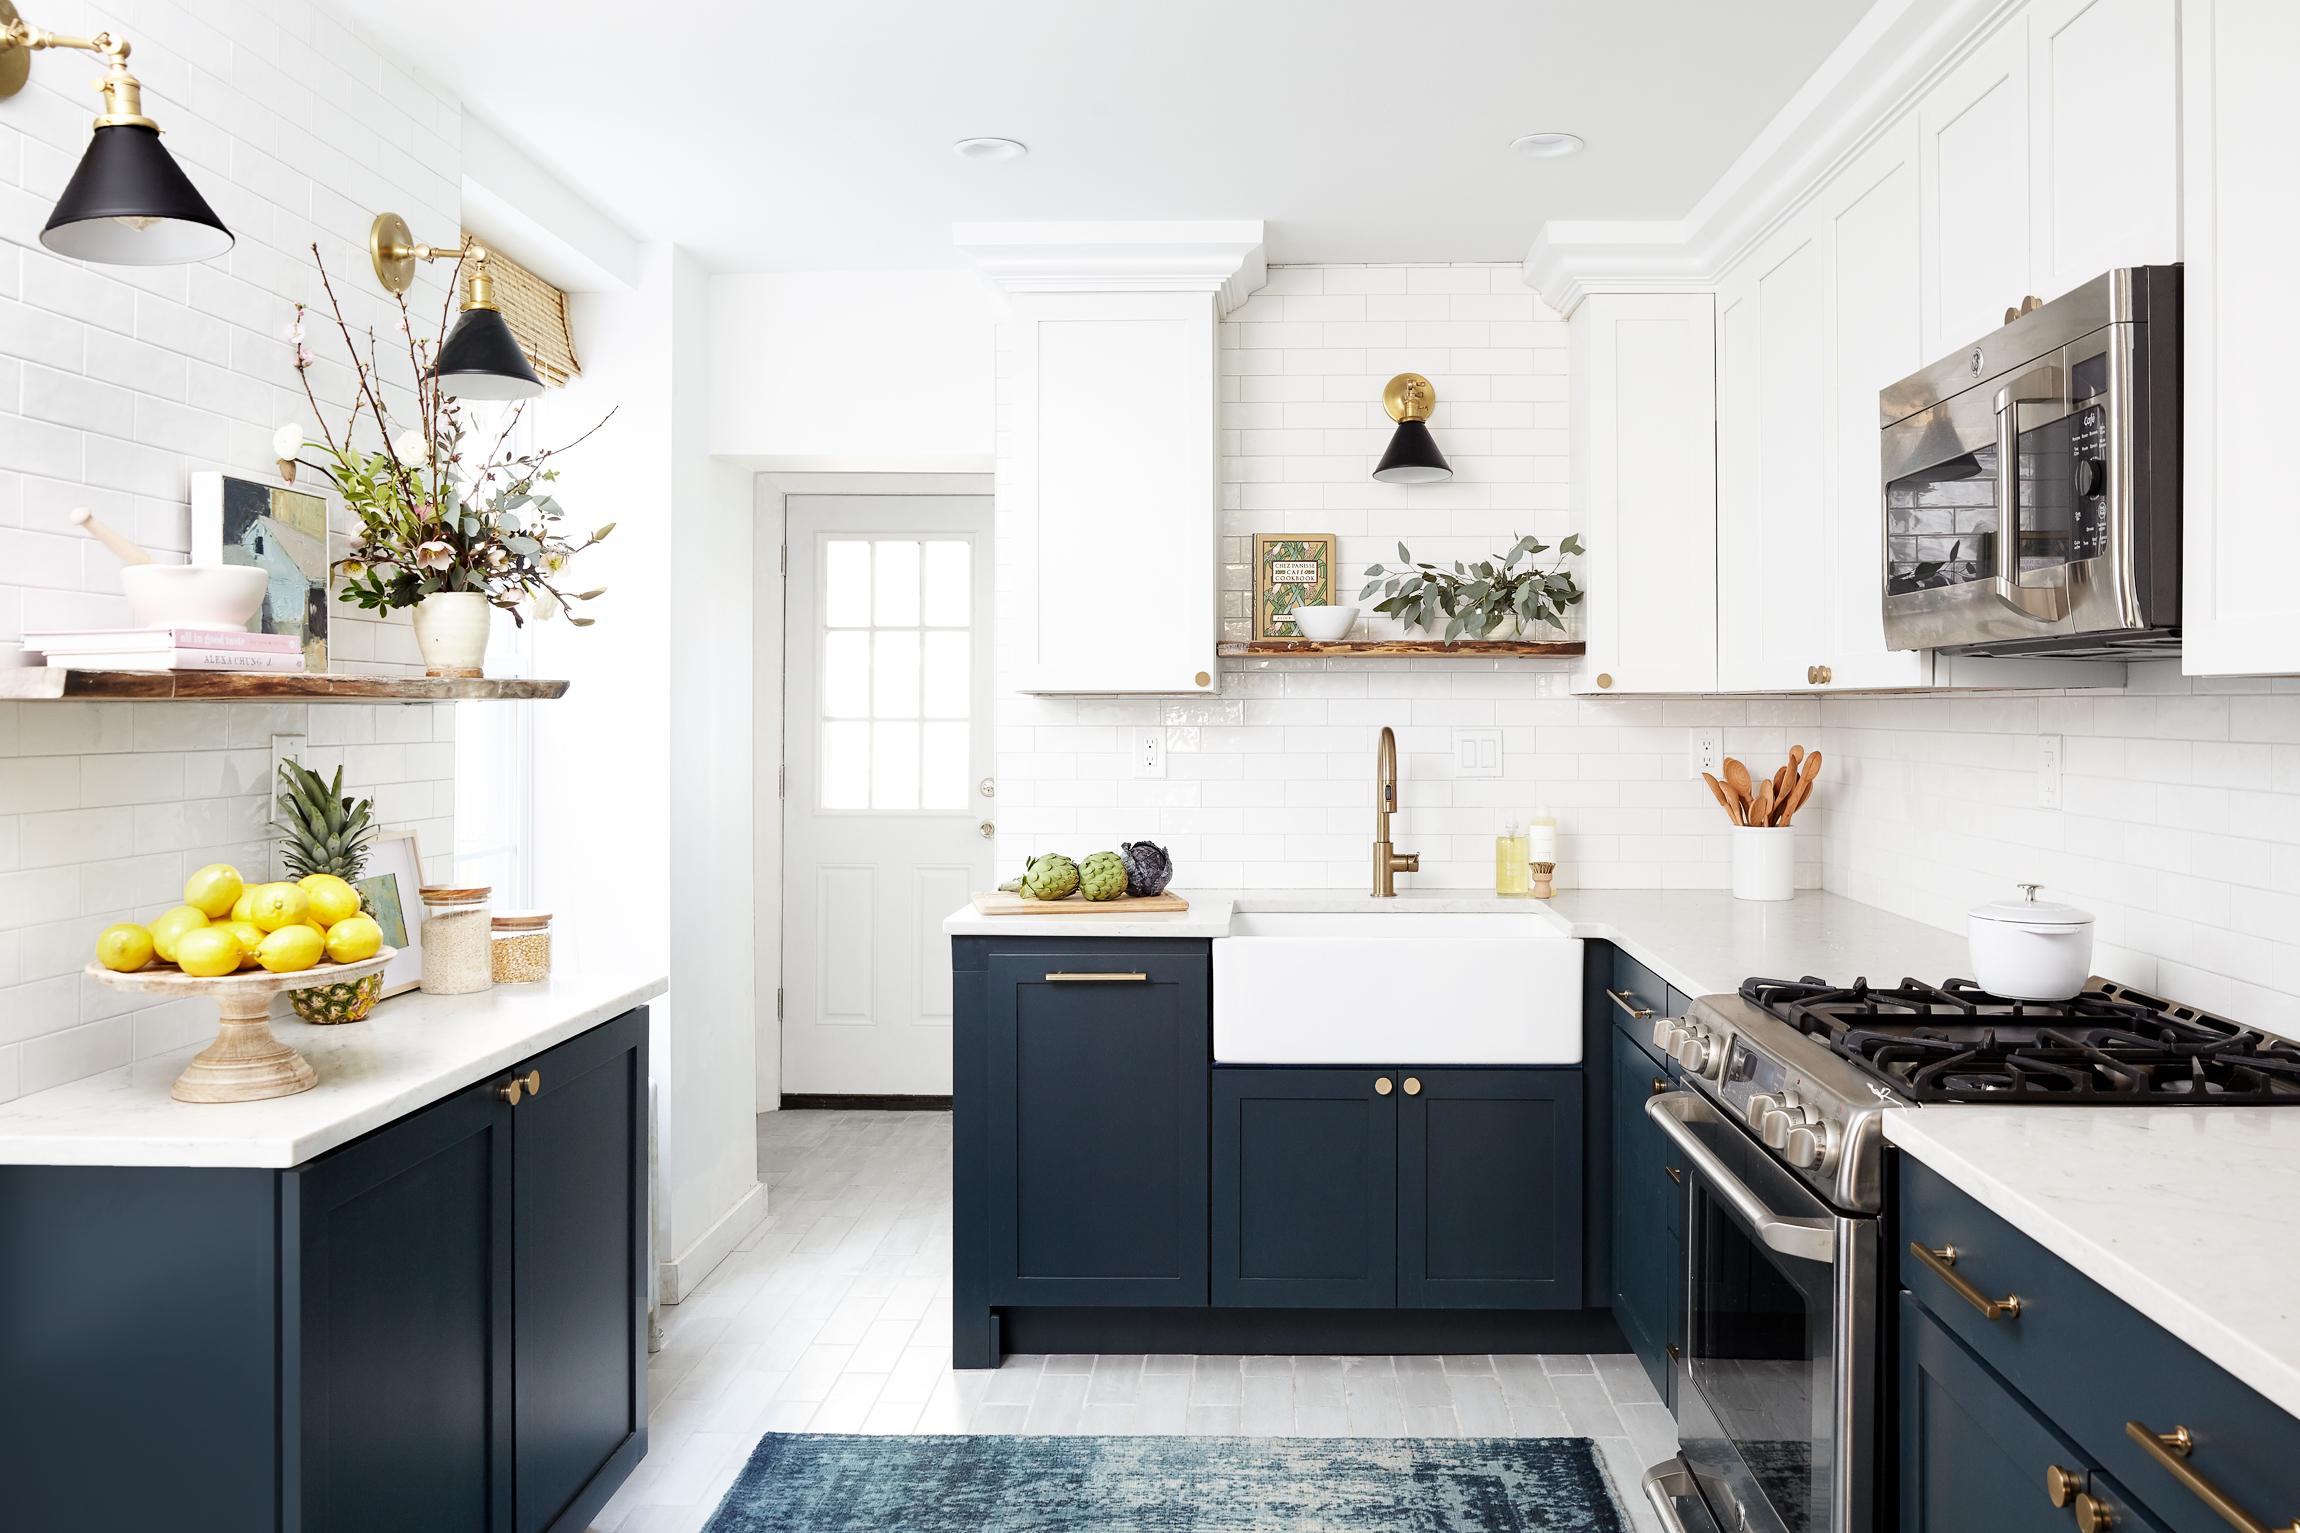 emerald_st_kitchen_01_web.jpg